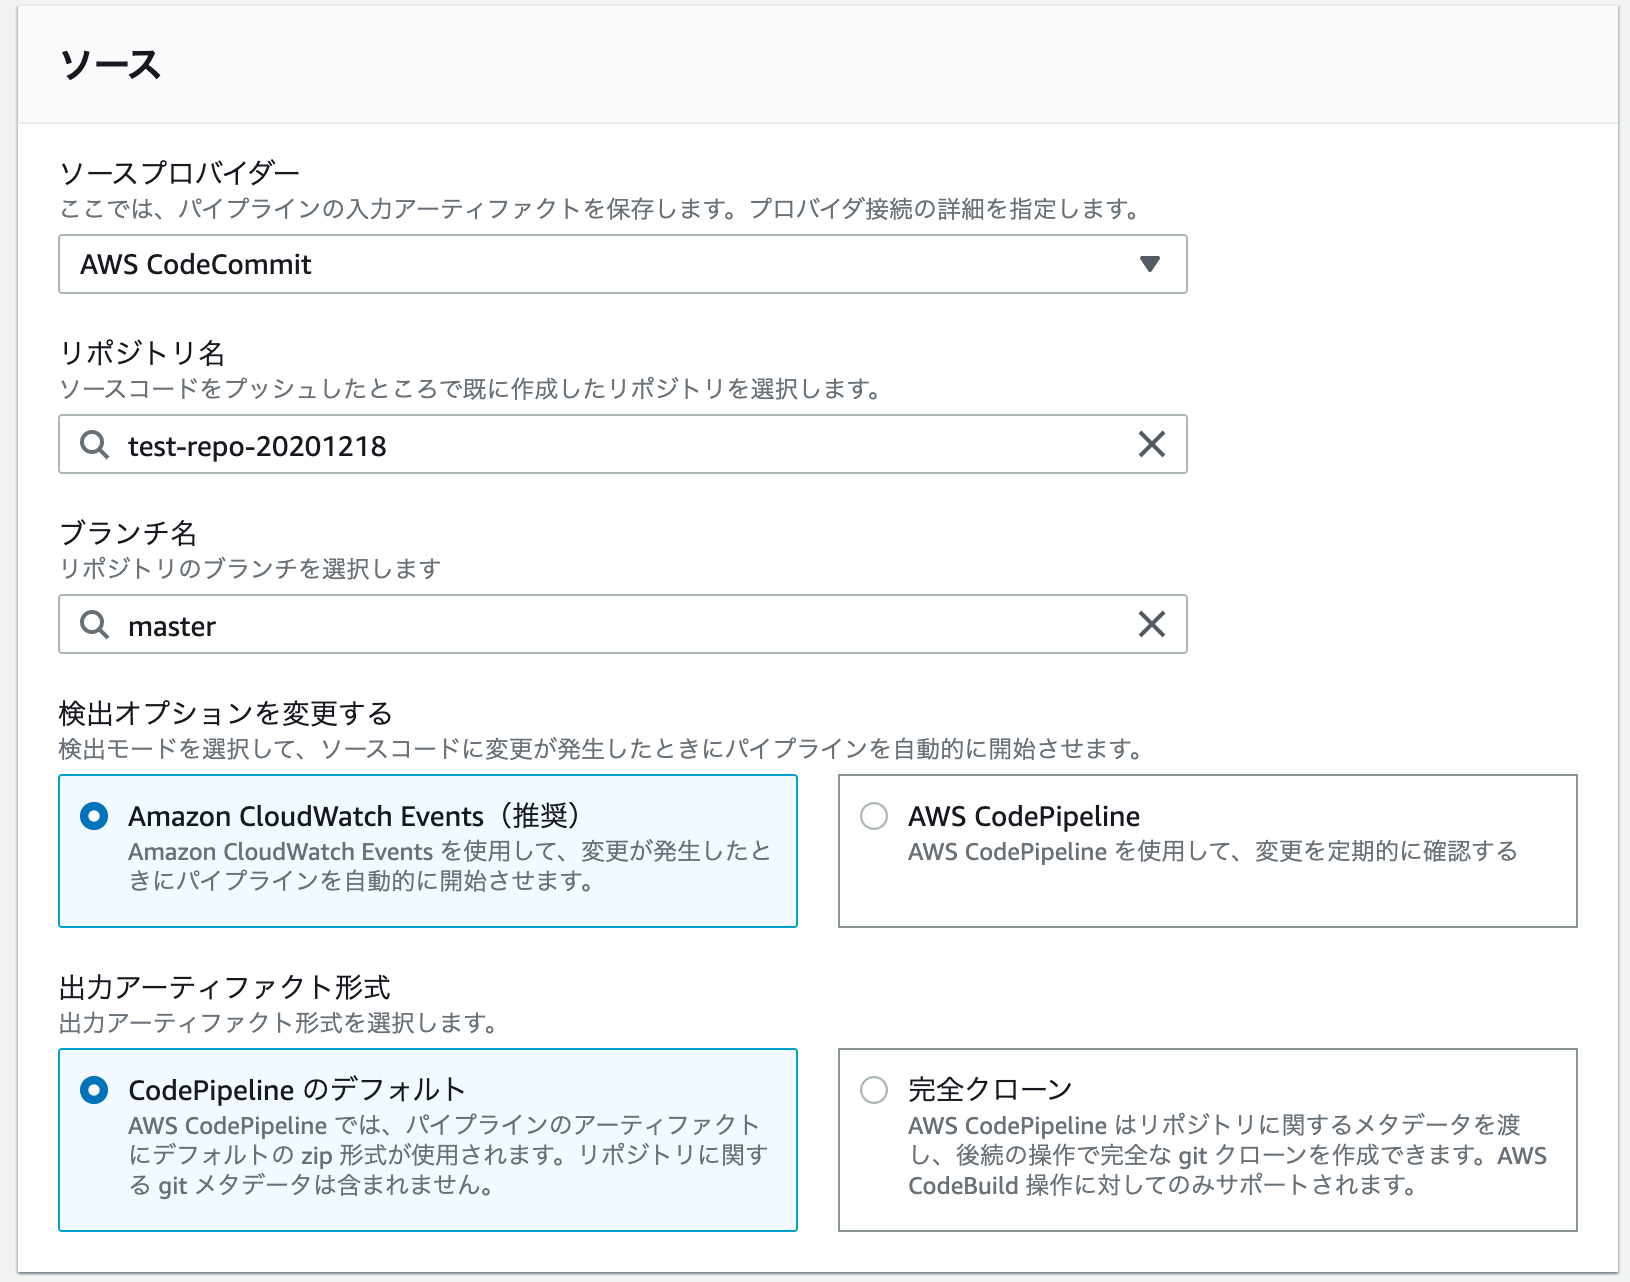 スクリーンショット 2020-12-18 18.49.47.png